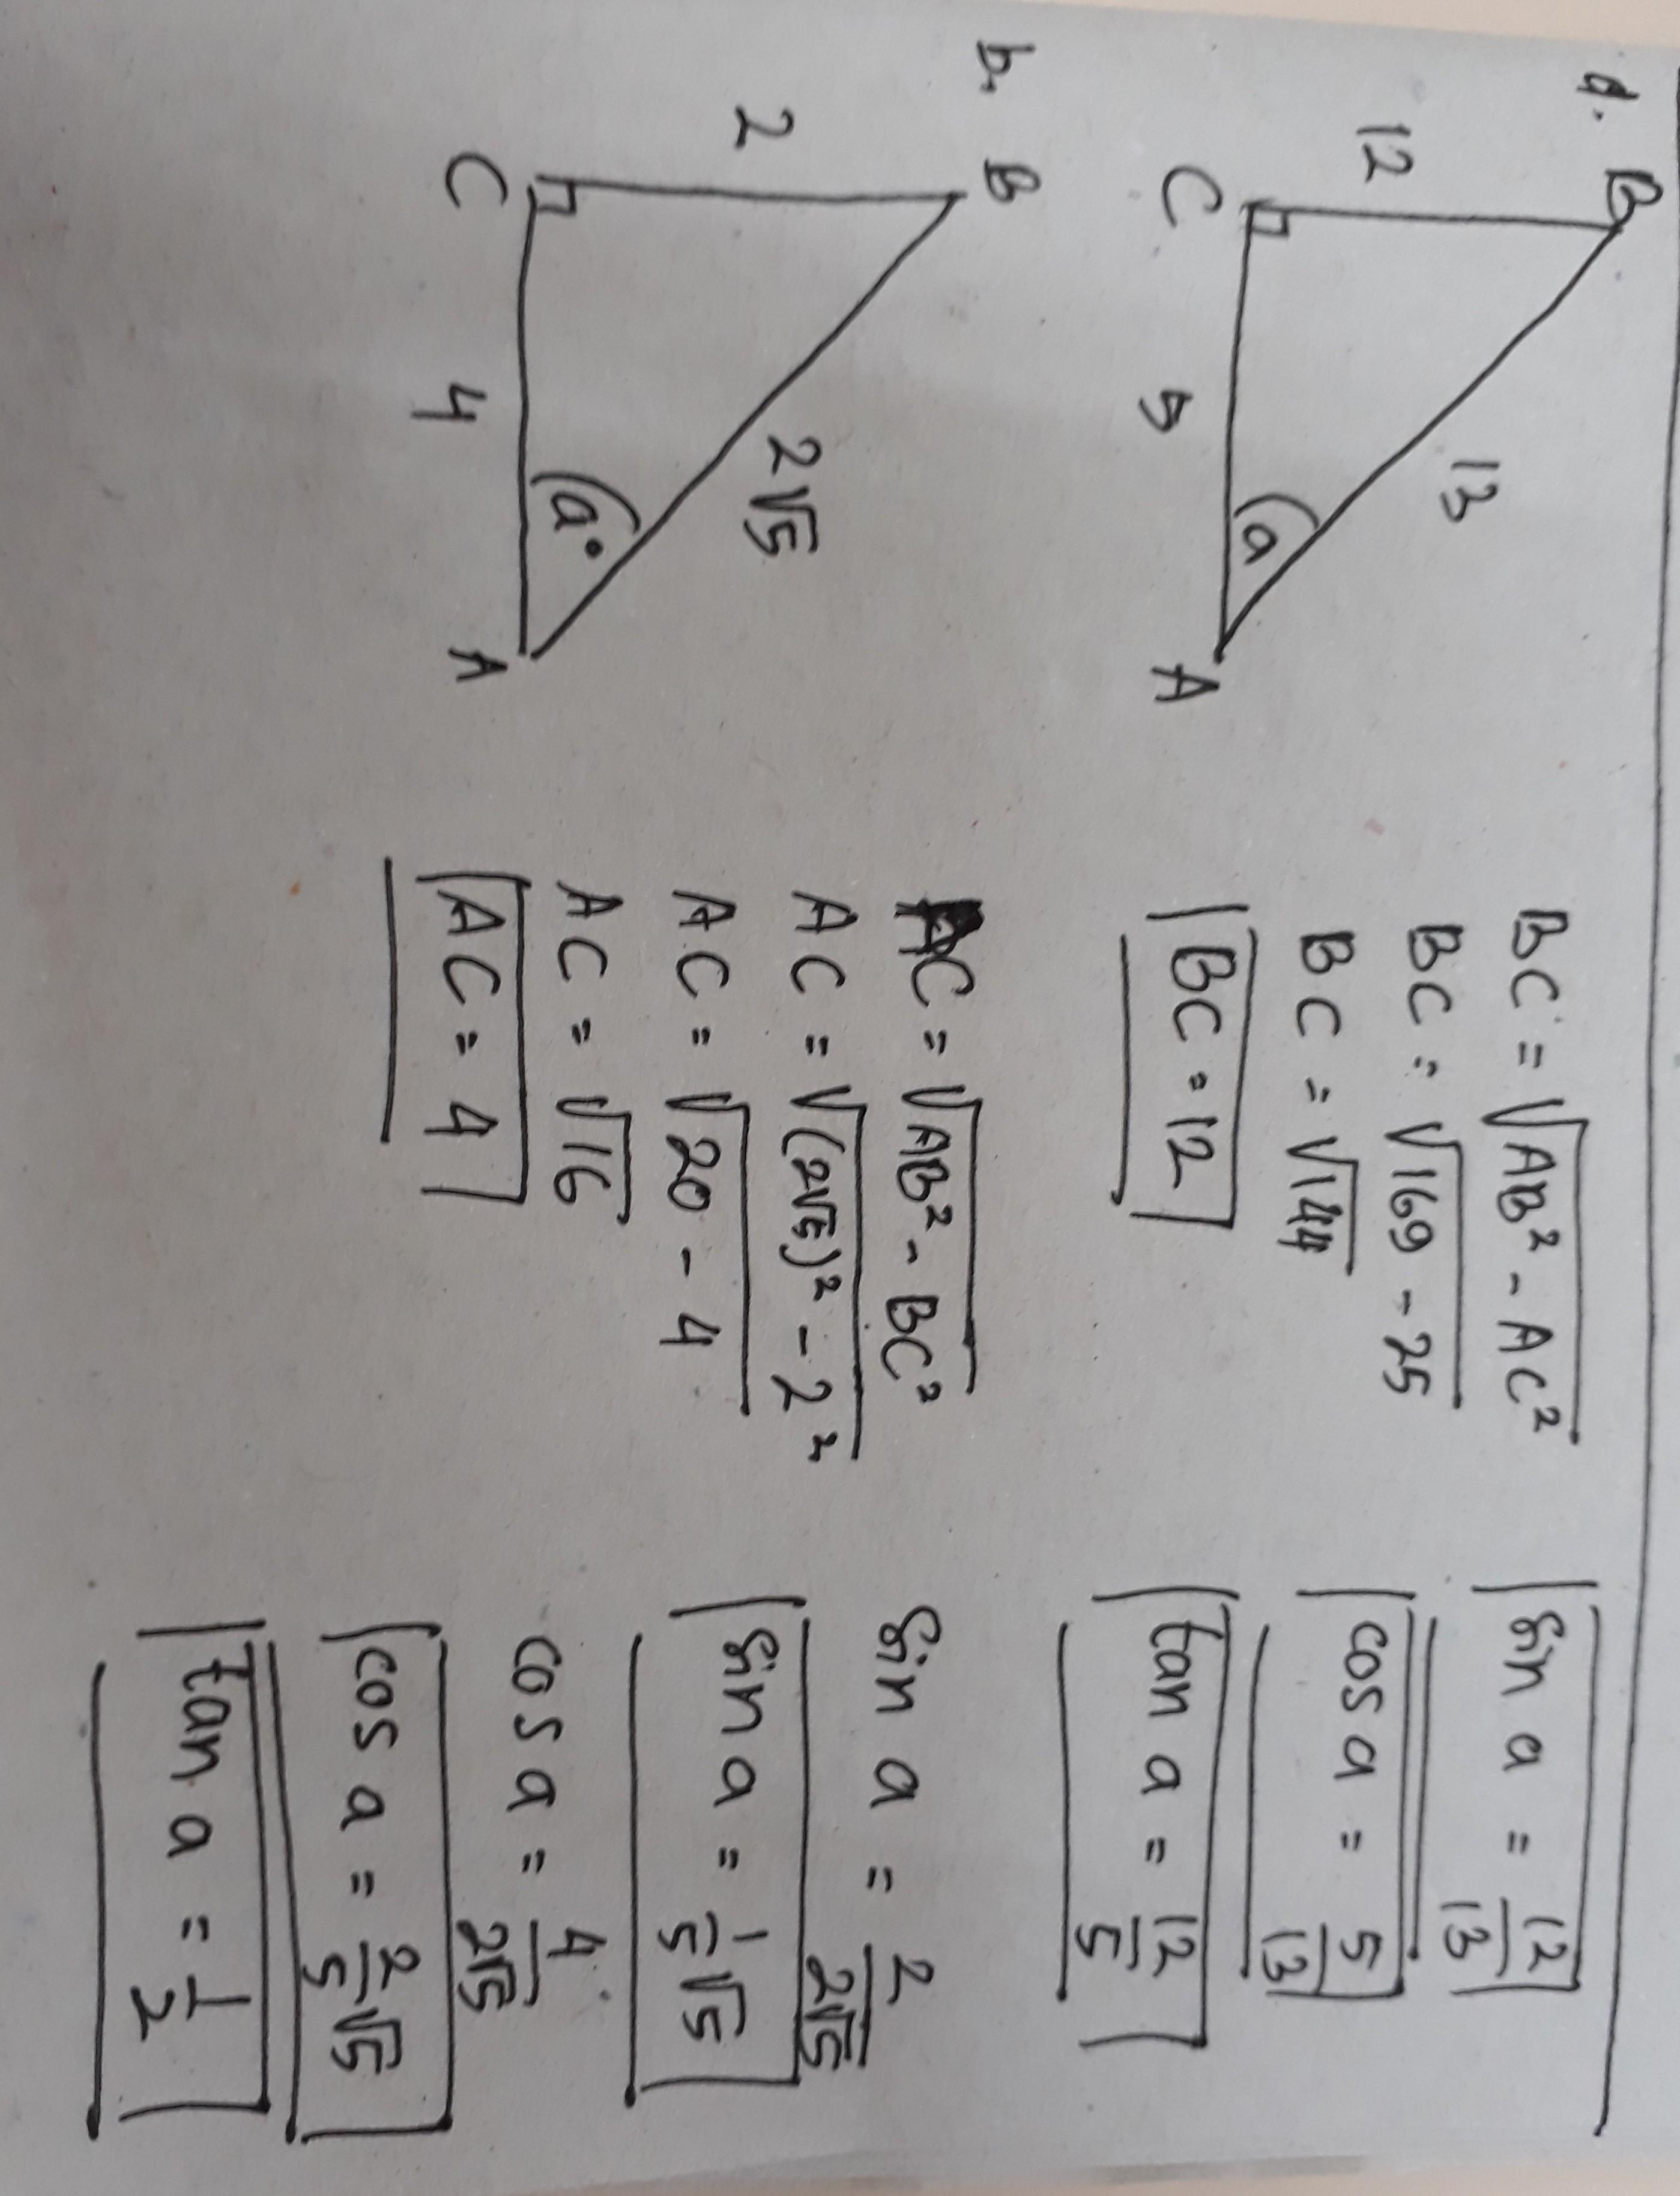 Contoh Soal Perbandingan Trigonometri Pada Segitiga Siku-siku : contoh, perbandingan, trigonometri, segitiga, siku-siku, Segitiga, Siku-siku, Menyatakan, Besar, Sudut, Carilah, Perbandingan, Trigonometri, Brainly.co.id